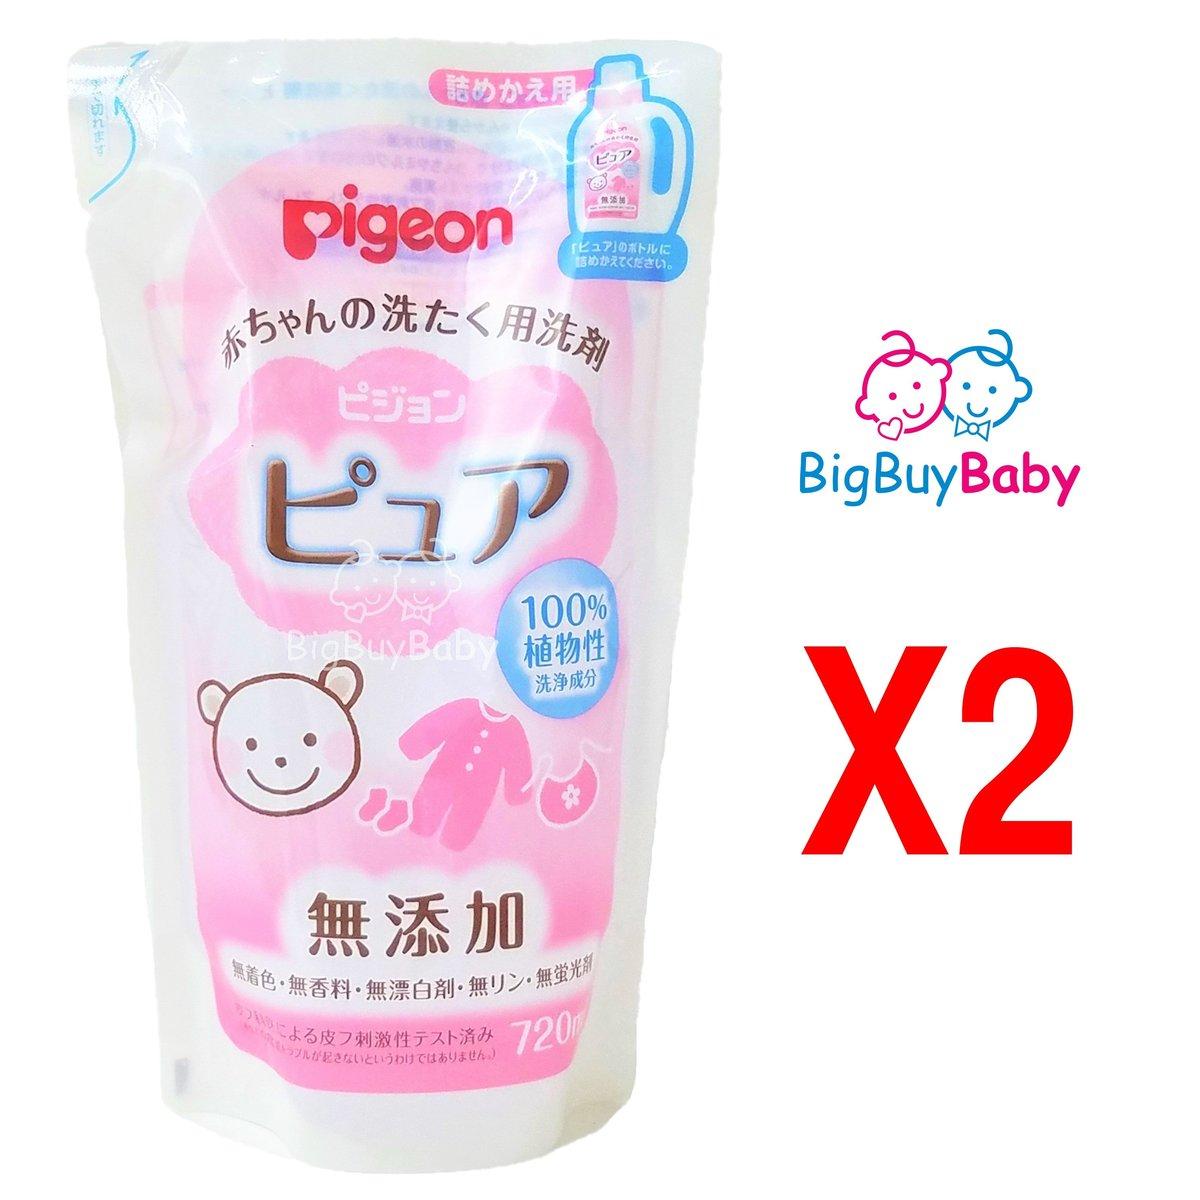 嬰兒溫和洗衣液720ml補充裝X2